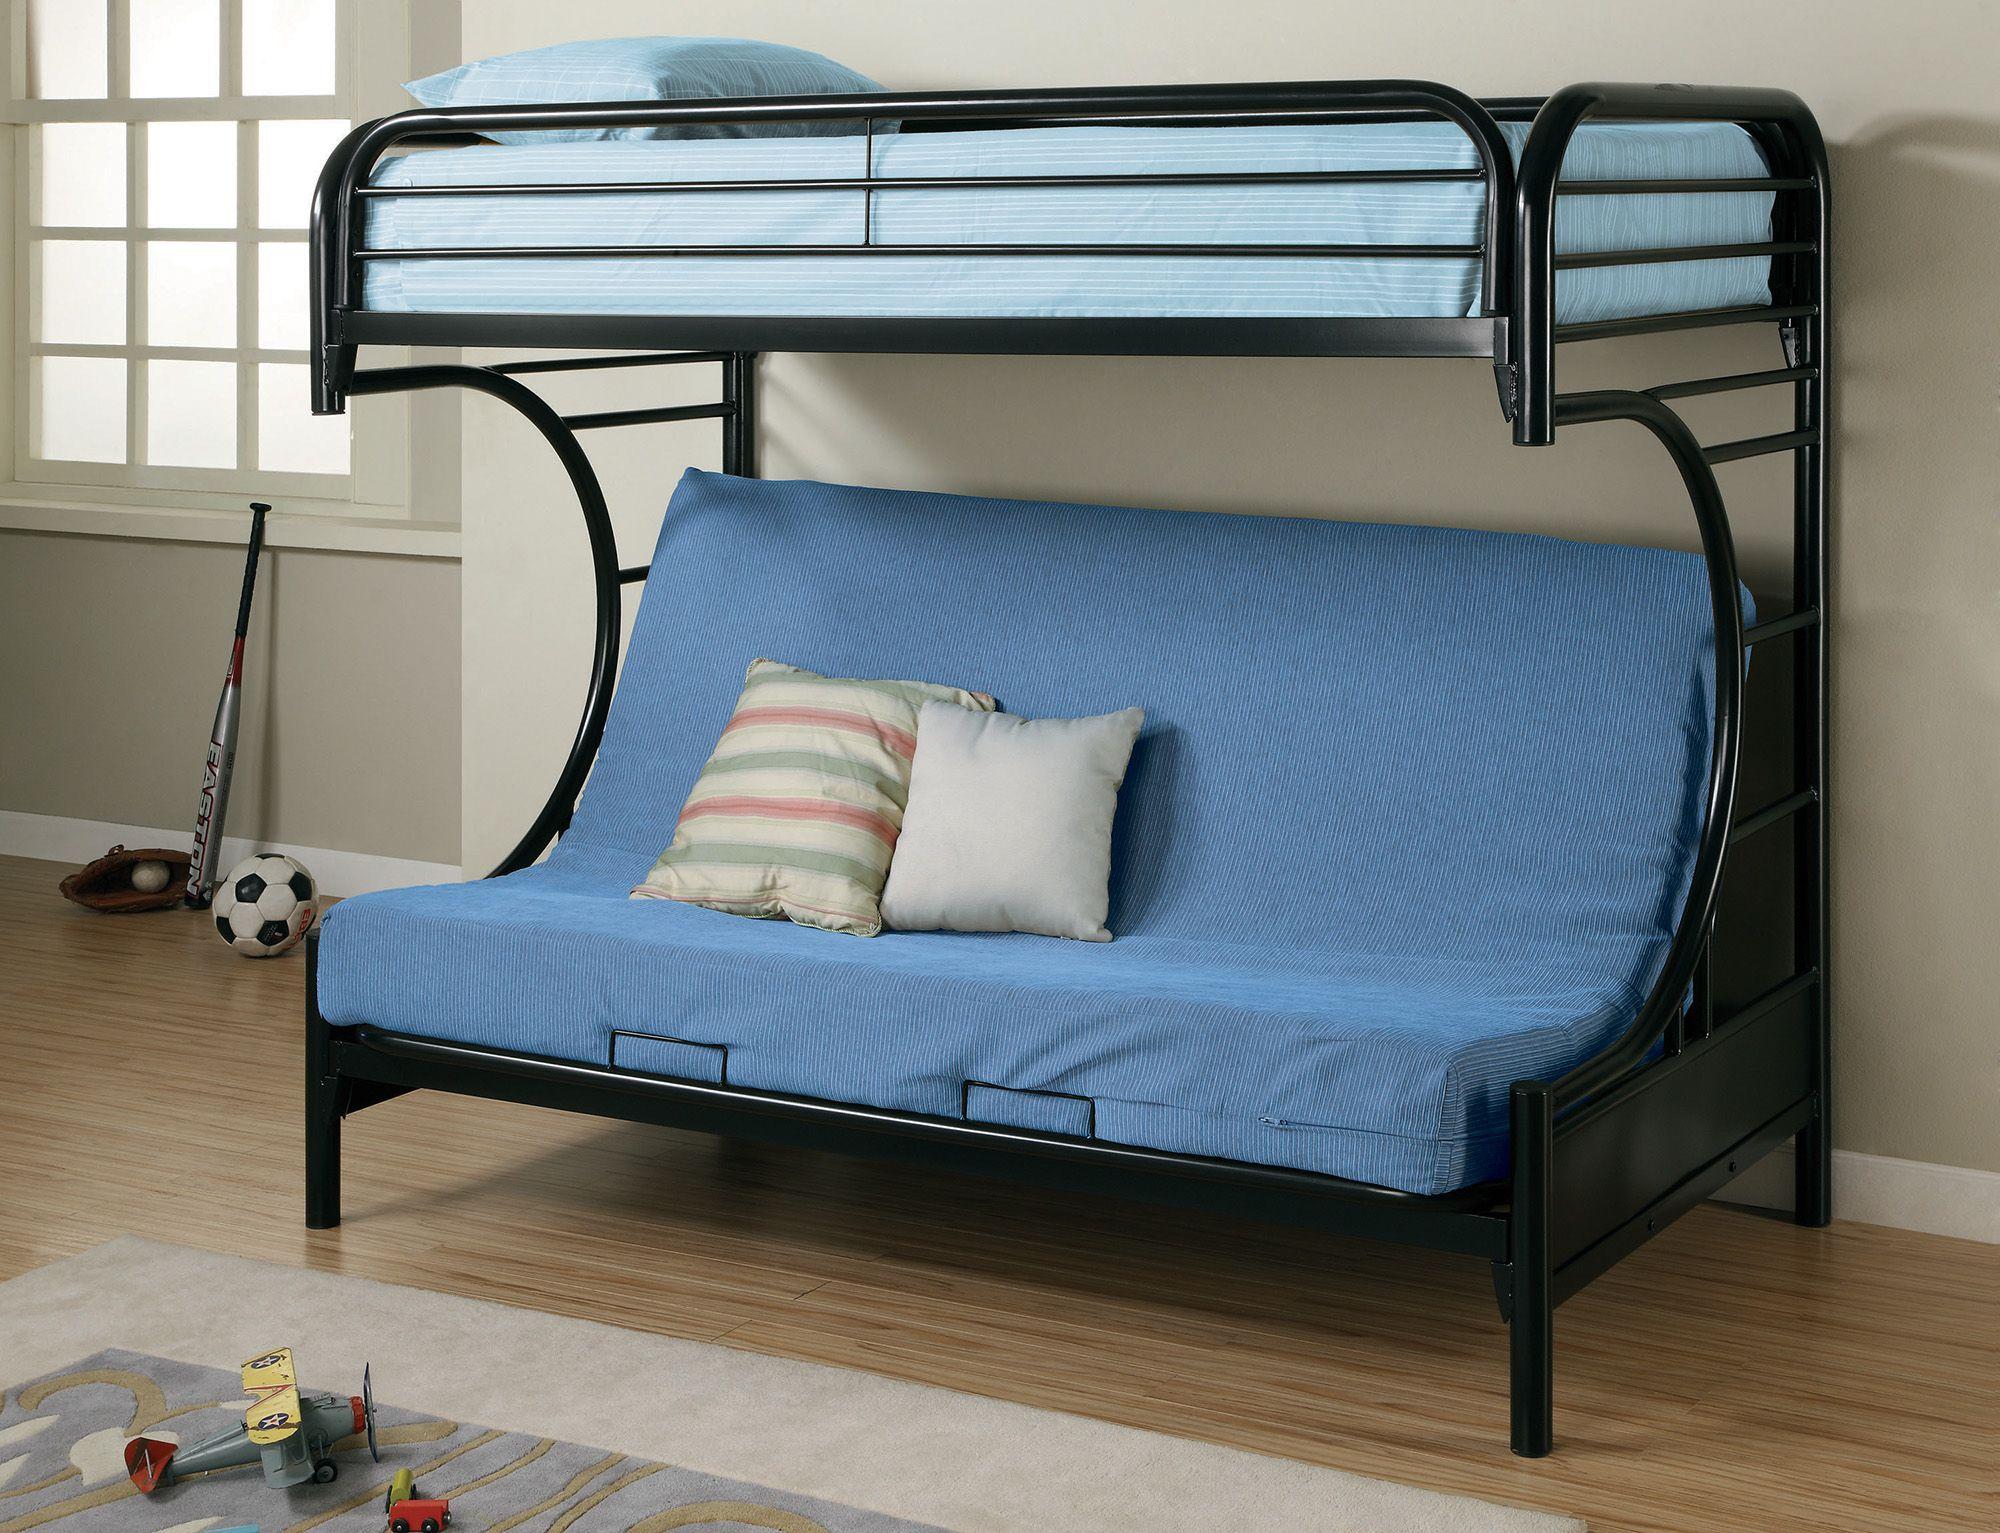 Etagenbett Metall Mit Couch : Futon aus metall mit etagenbett bett hochbett sofa genial